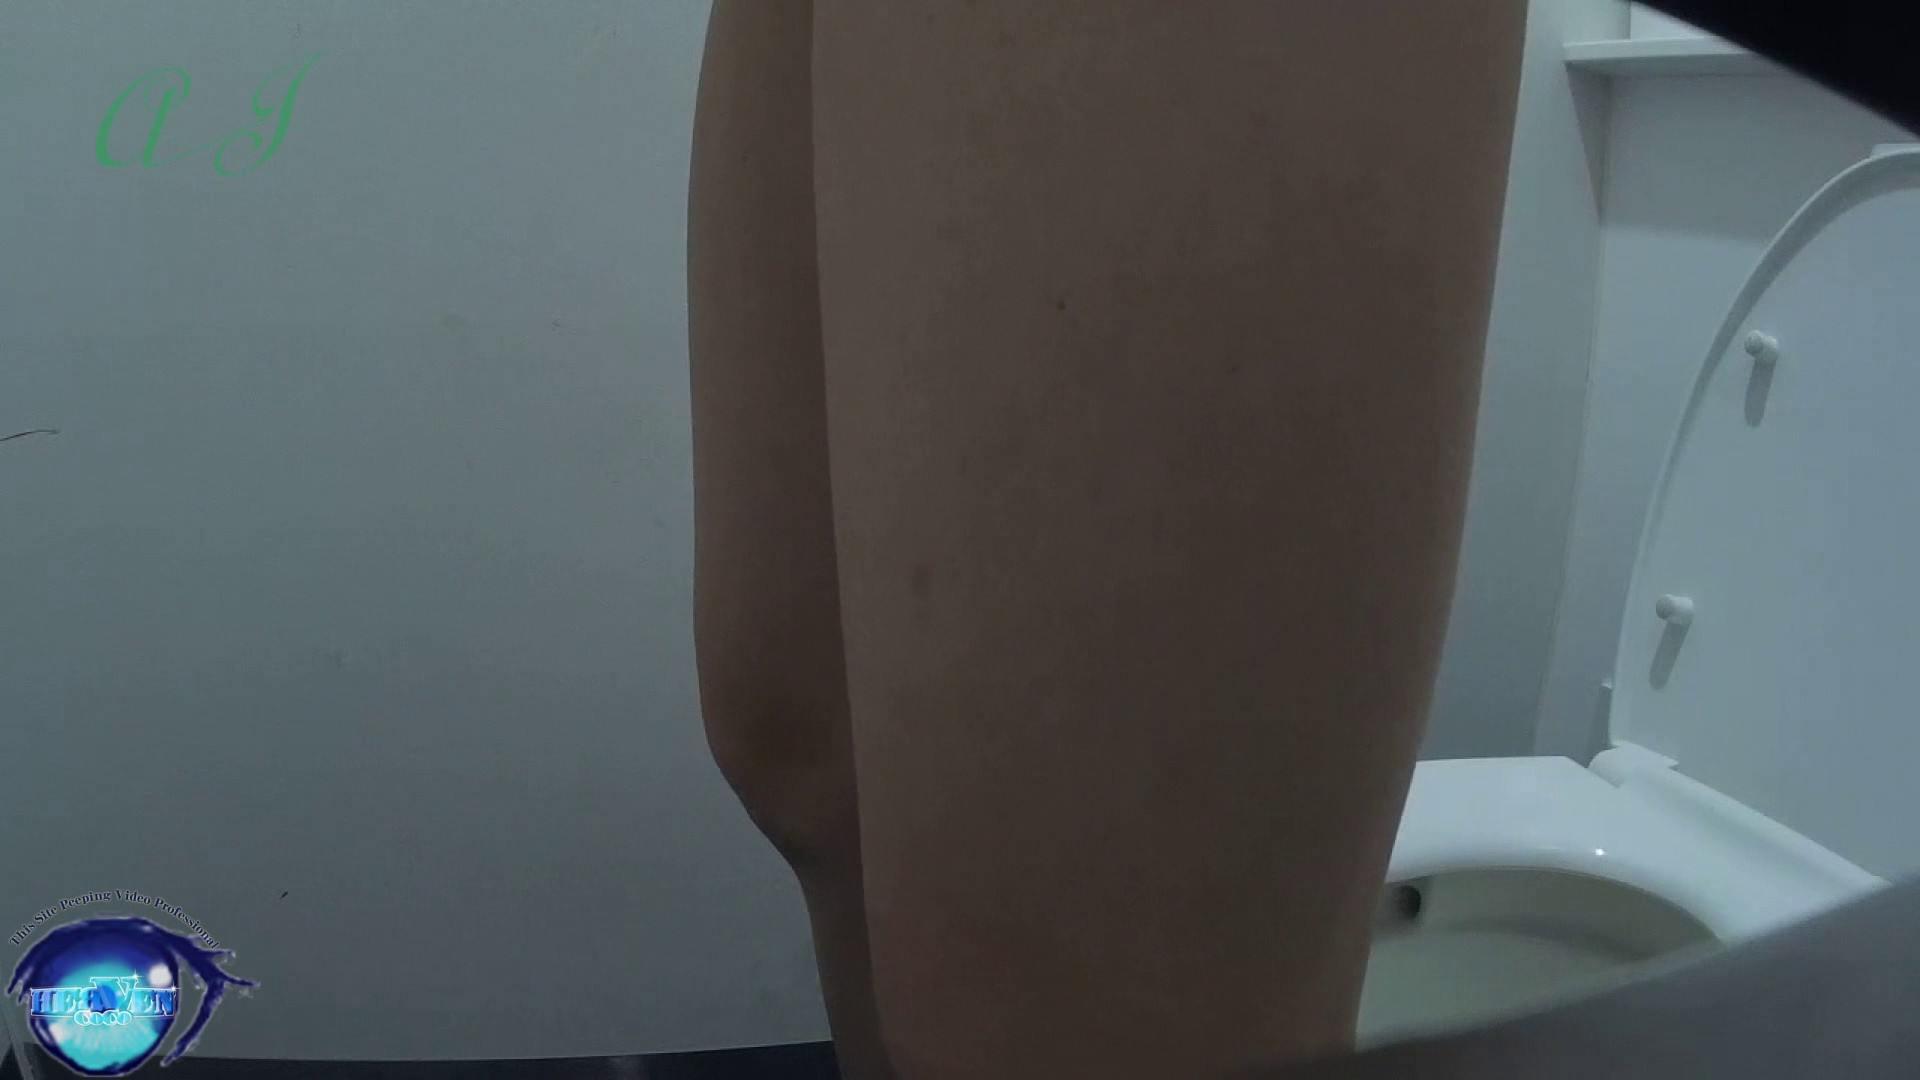 有名大学女性洗面所 vol.69可憐な女子の裏にあるオシリ・・・ 投稿 隠し撮りオマンコ動画紹介 72枚 24